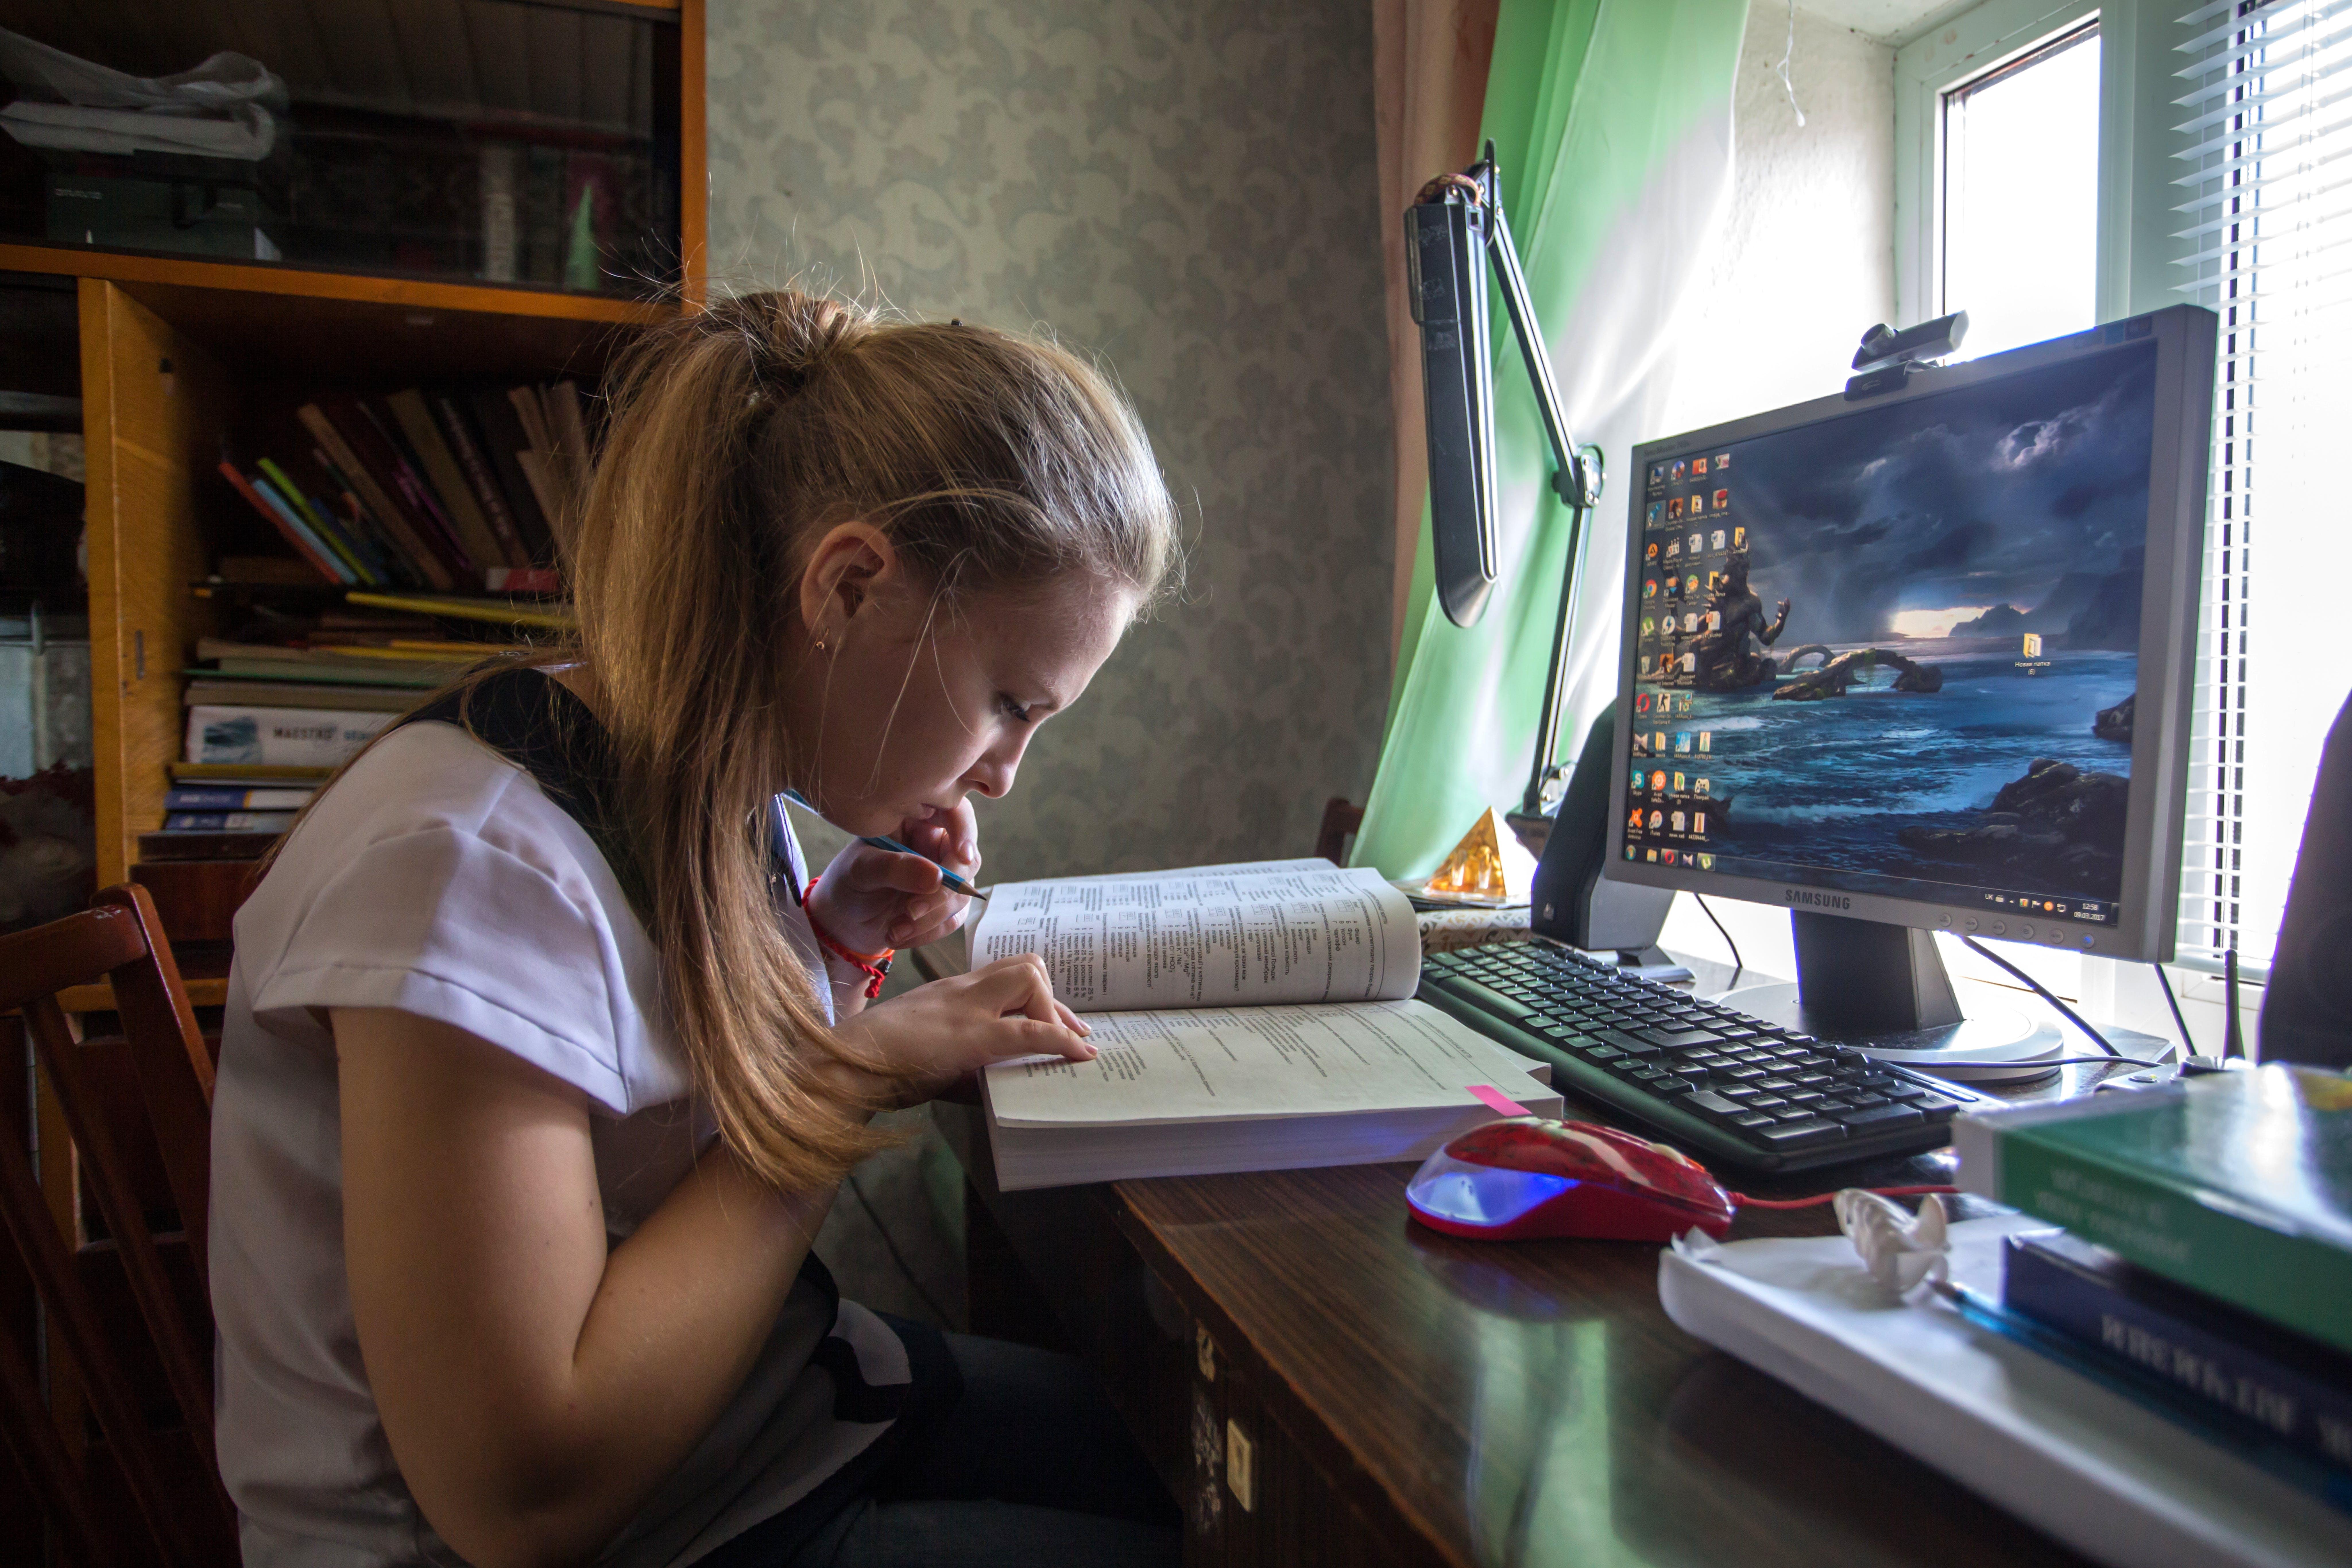 Ucraina: Dasha, 17 anni, studia davanti al pc per preparare gli esami di fine anno